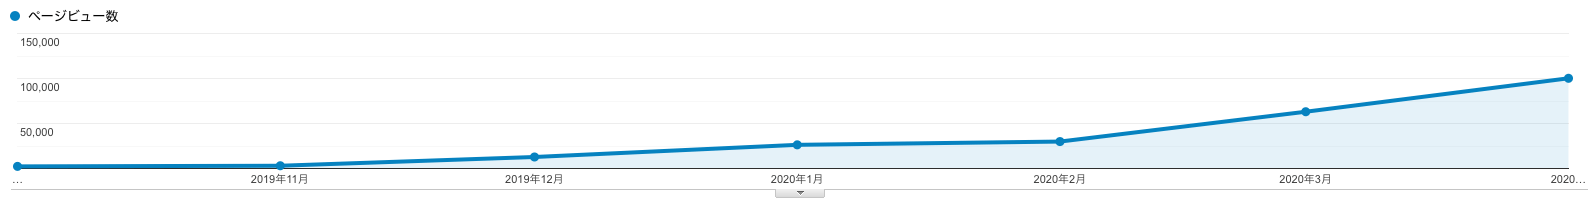 2019年10月~2020年4月までのPV数偏移